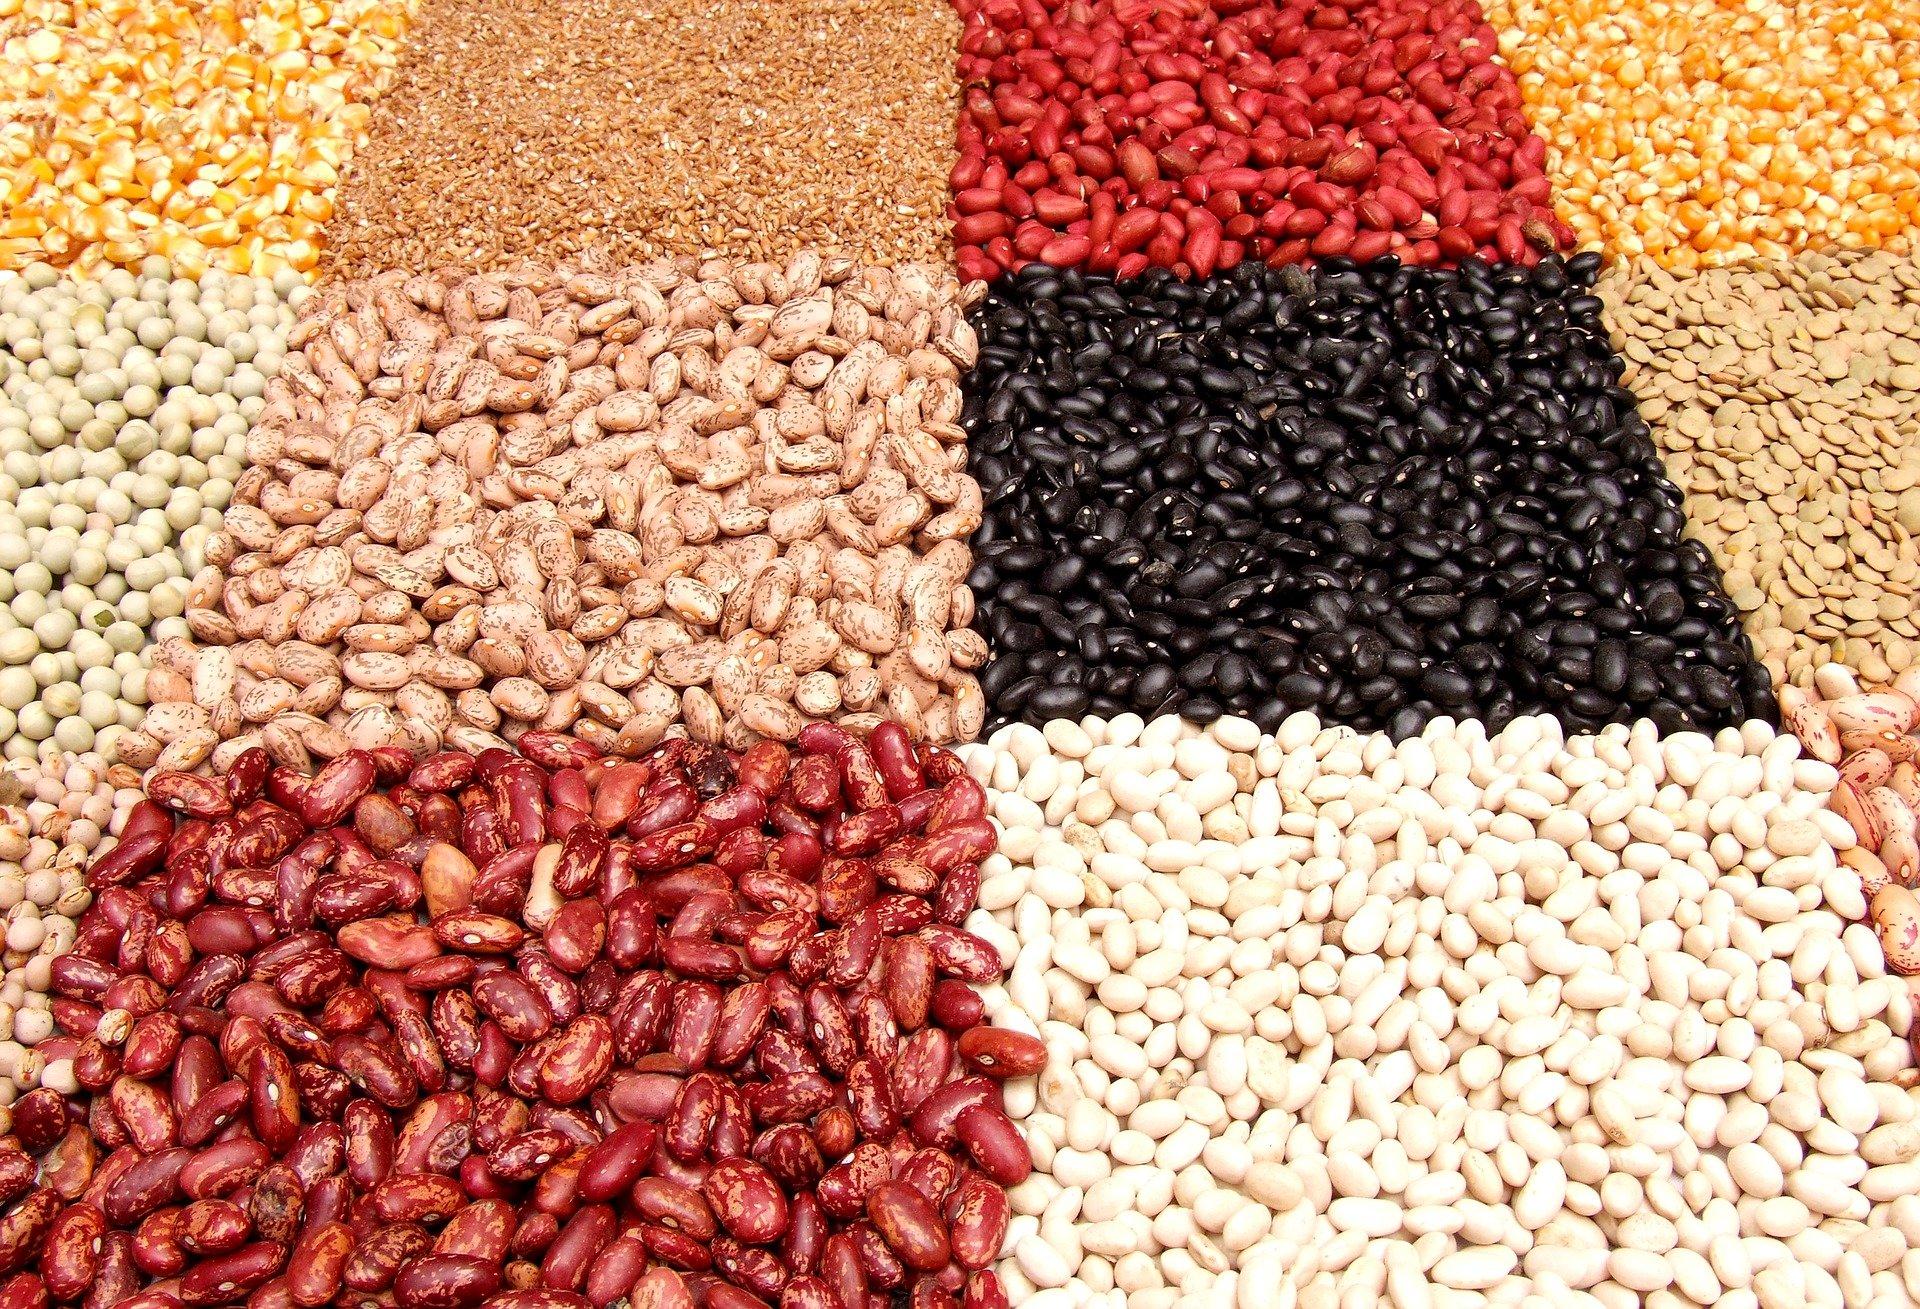 Imagem mostra vários vegetais como feijões e lentilhas.